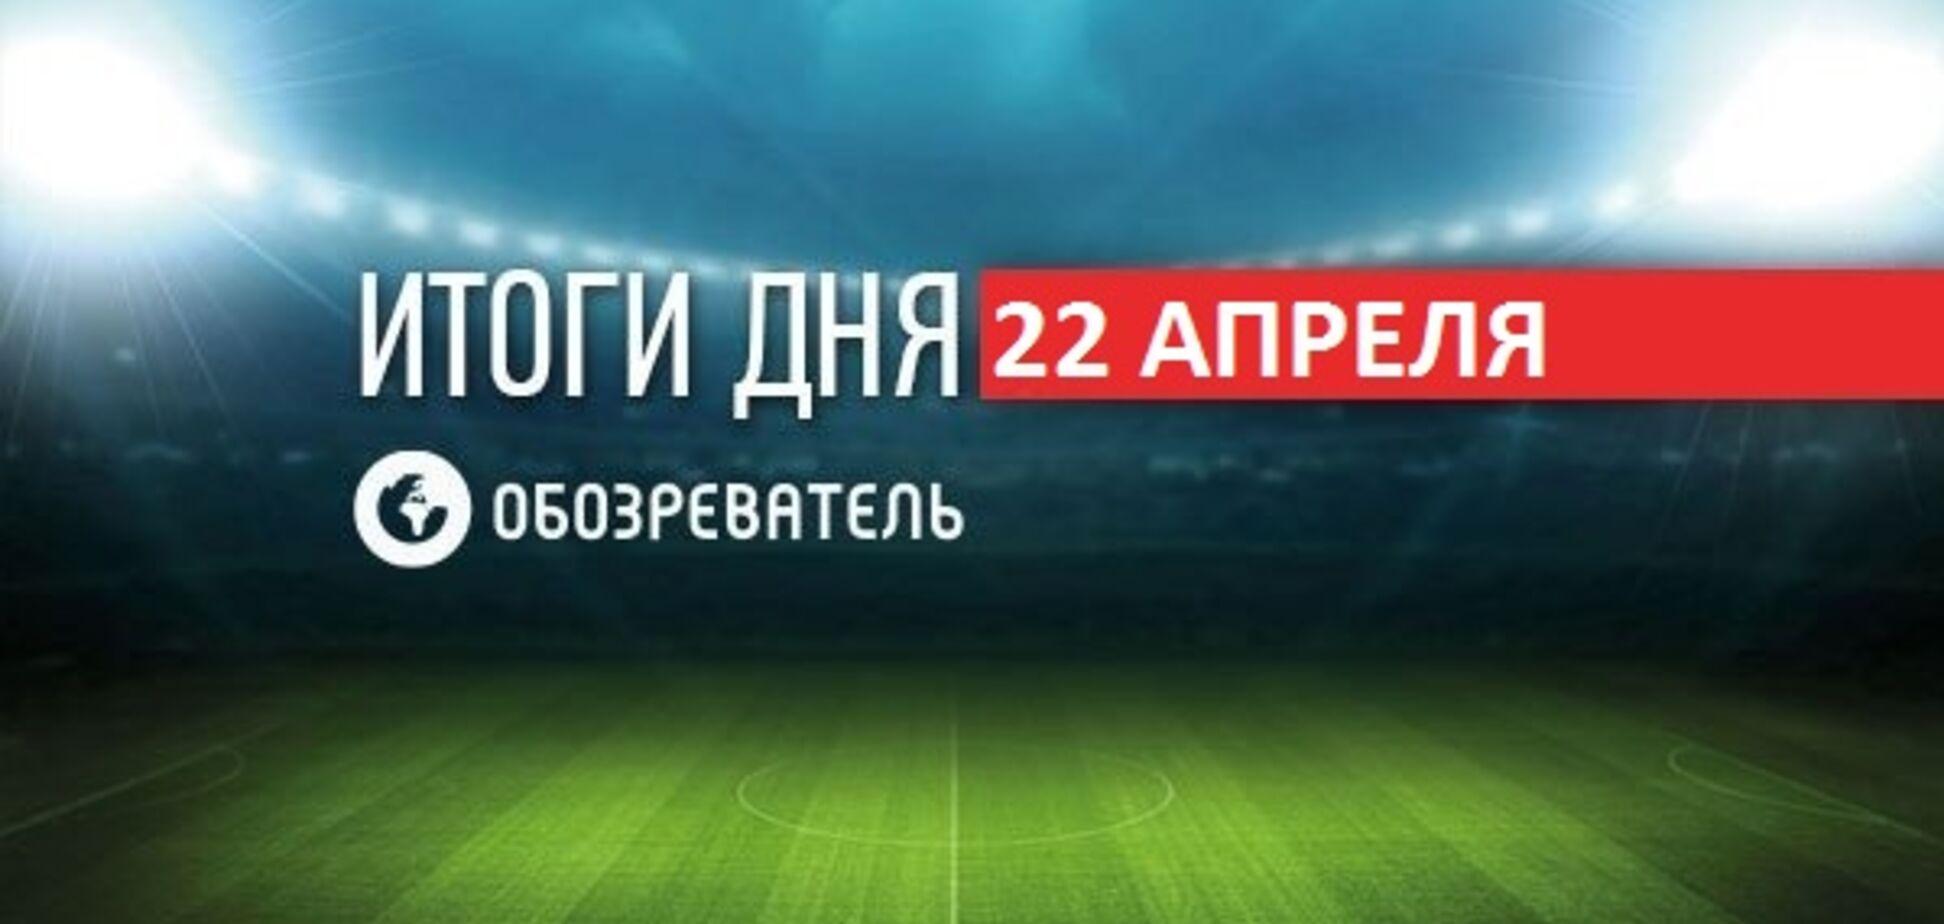 Невзоров высмеял Соловьева из-за Уткина: спортивные итоги 22 апреля